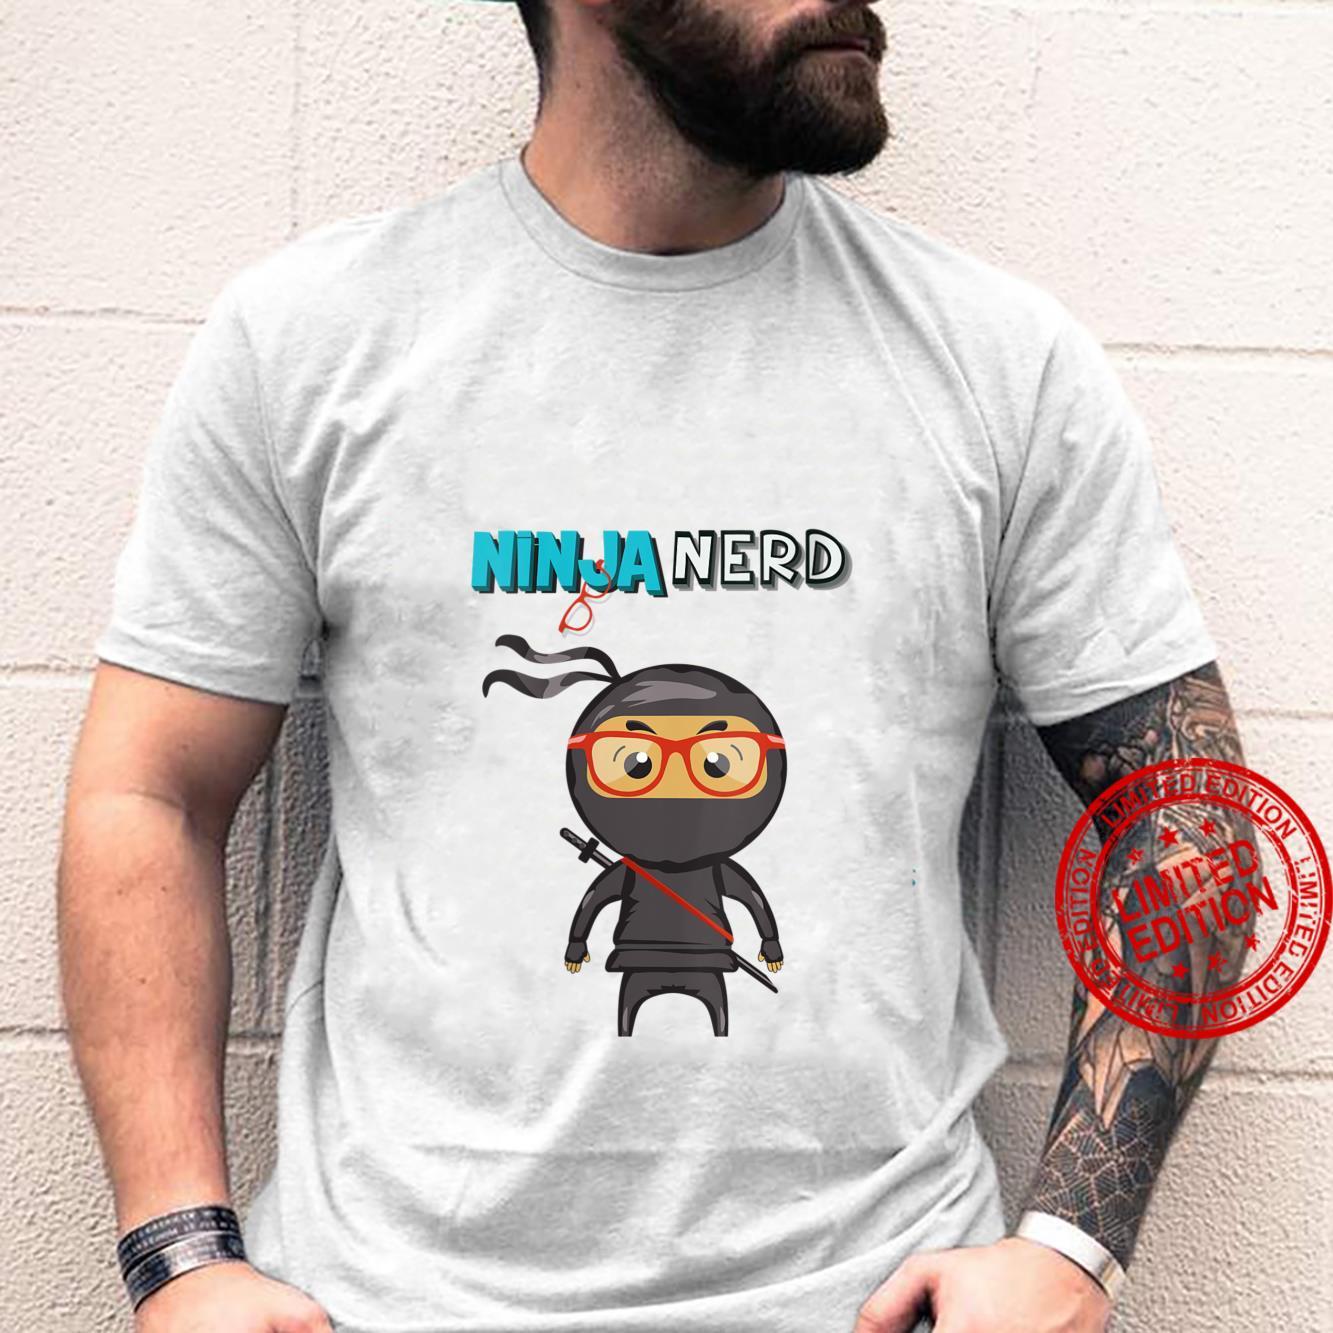 Womens Ninja Nerd Shirt